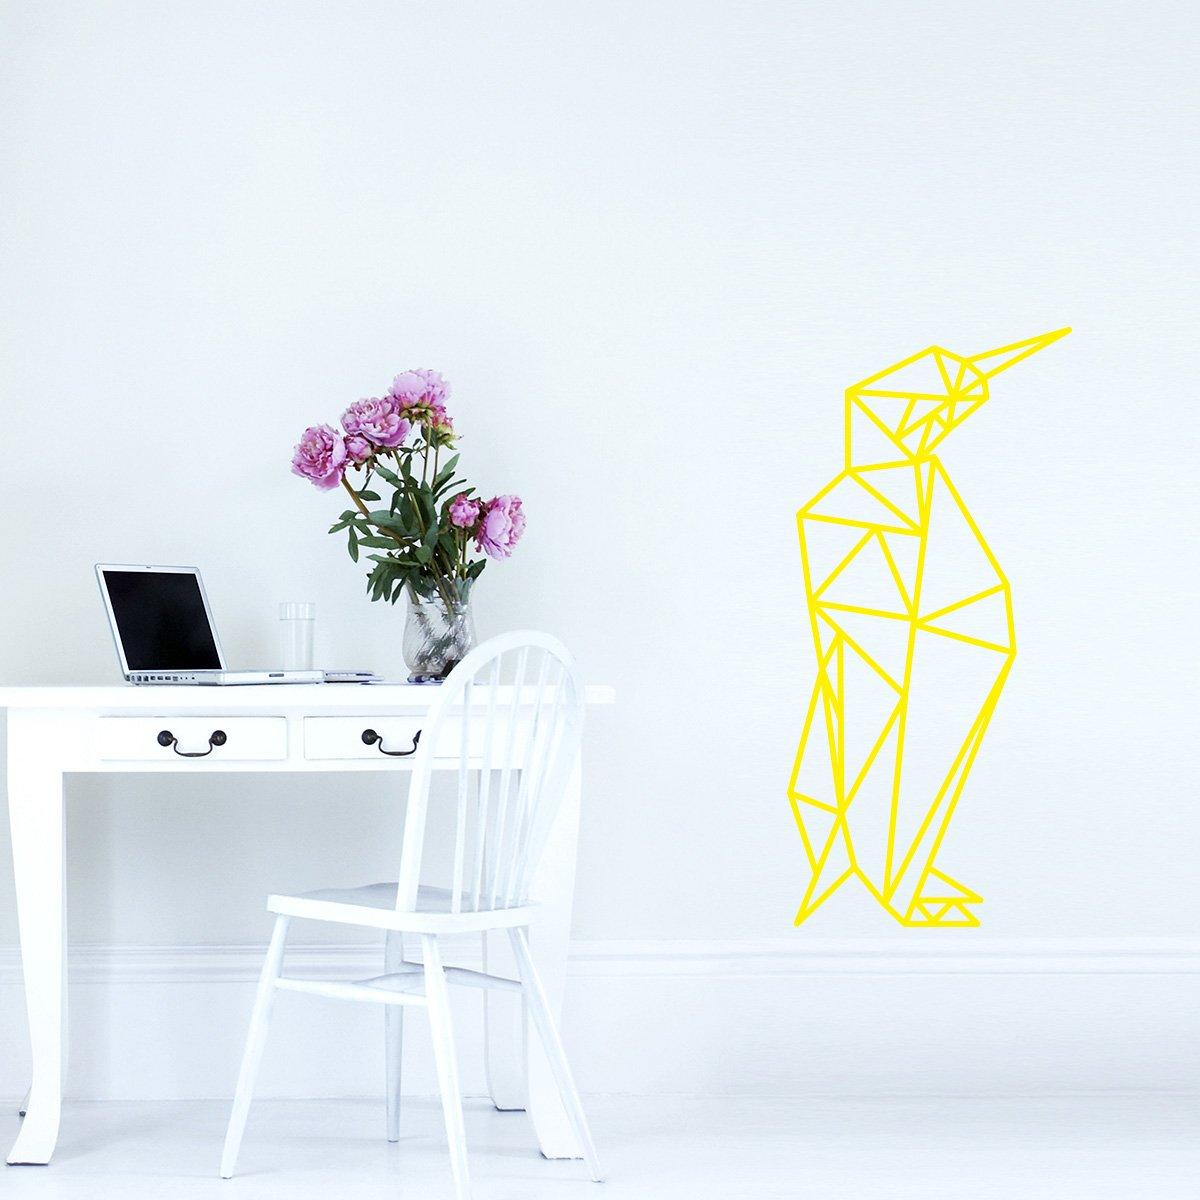 WANDKINGS Wandtattoo Wandtattoo Wandtattoo - Origami-Style Pinguin - 52 x 110 cm - HellRosa - Wähle aus 5 Größen & 35 Farben B07BRYZ2LP Wandsticker & Wandfiguren 391f74